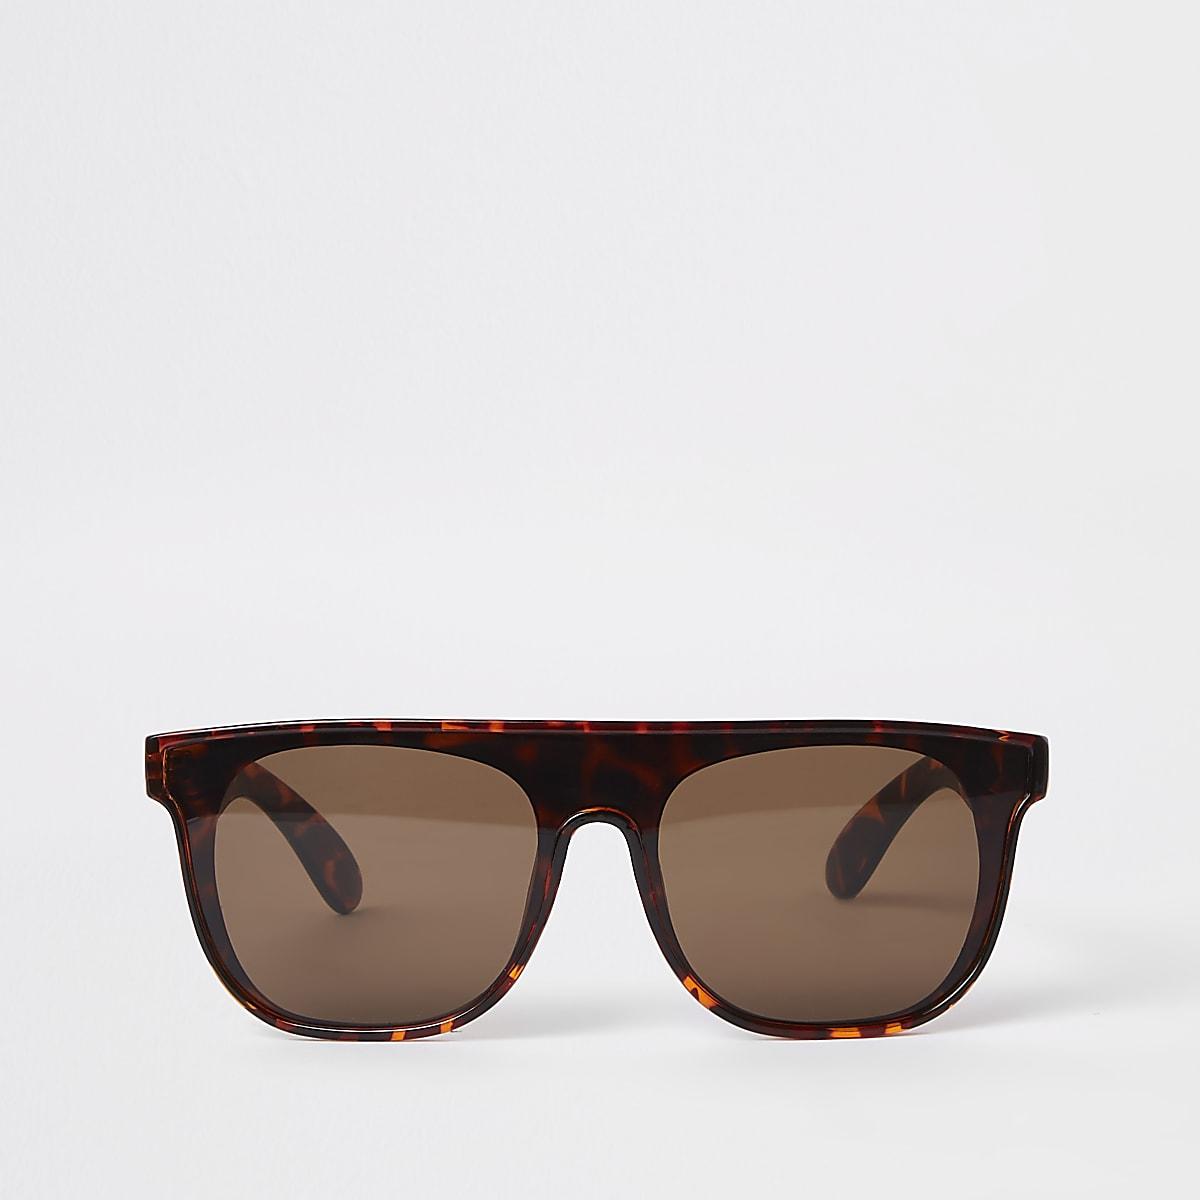 Lunettes de soleil masque motif écaille de tortue marron